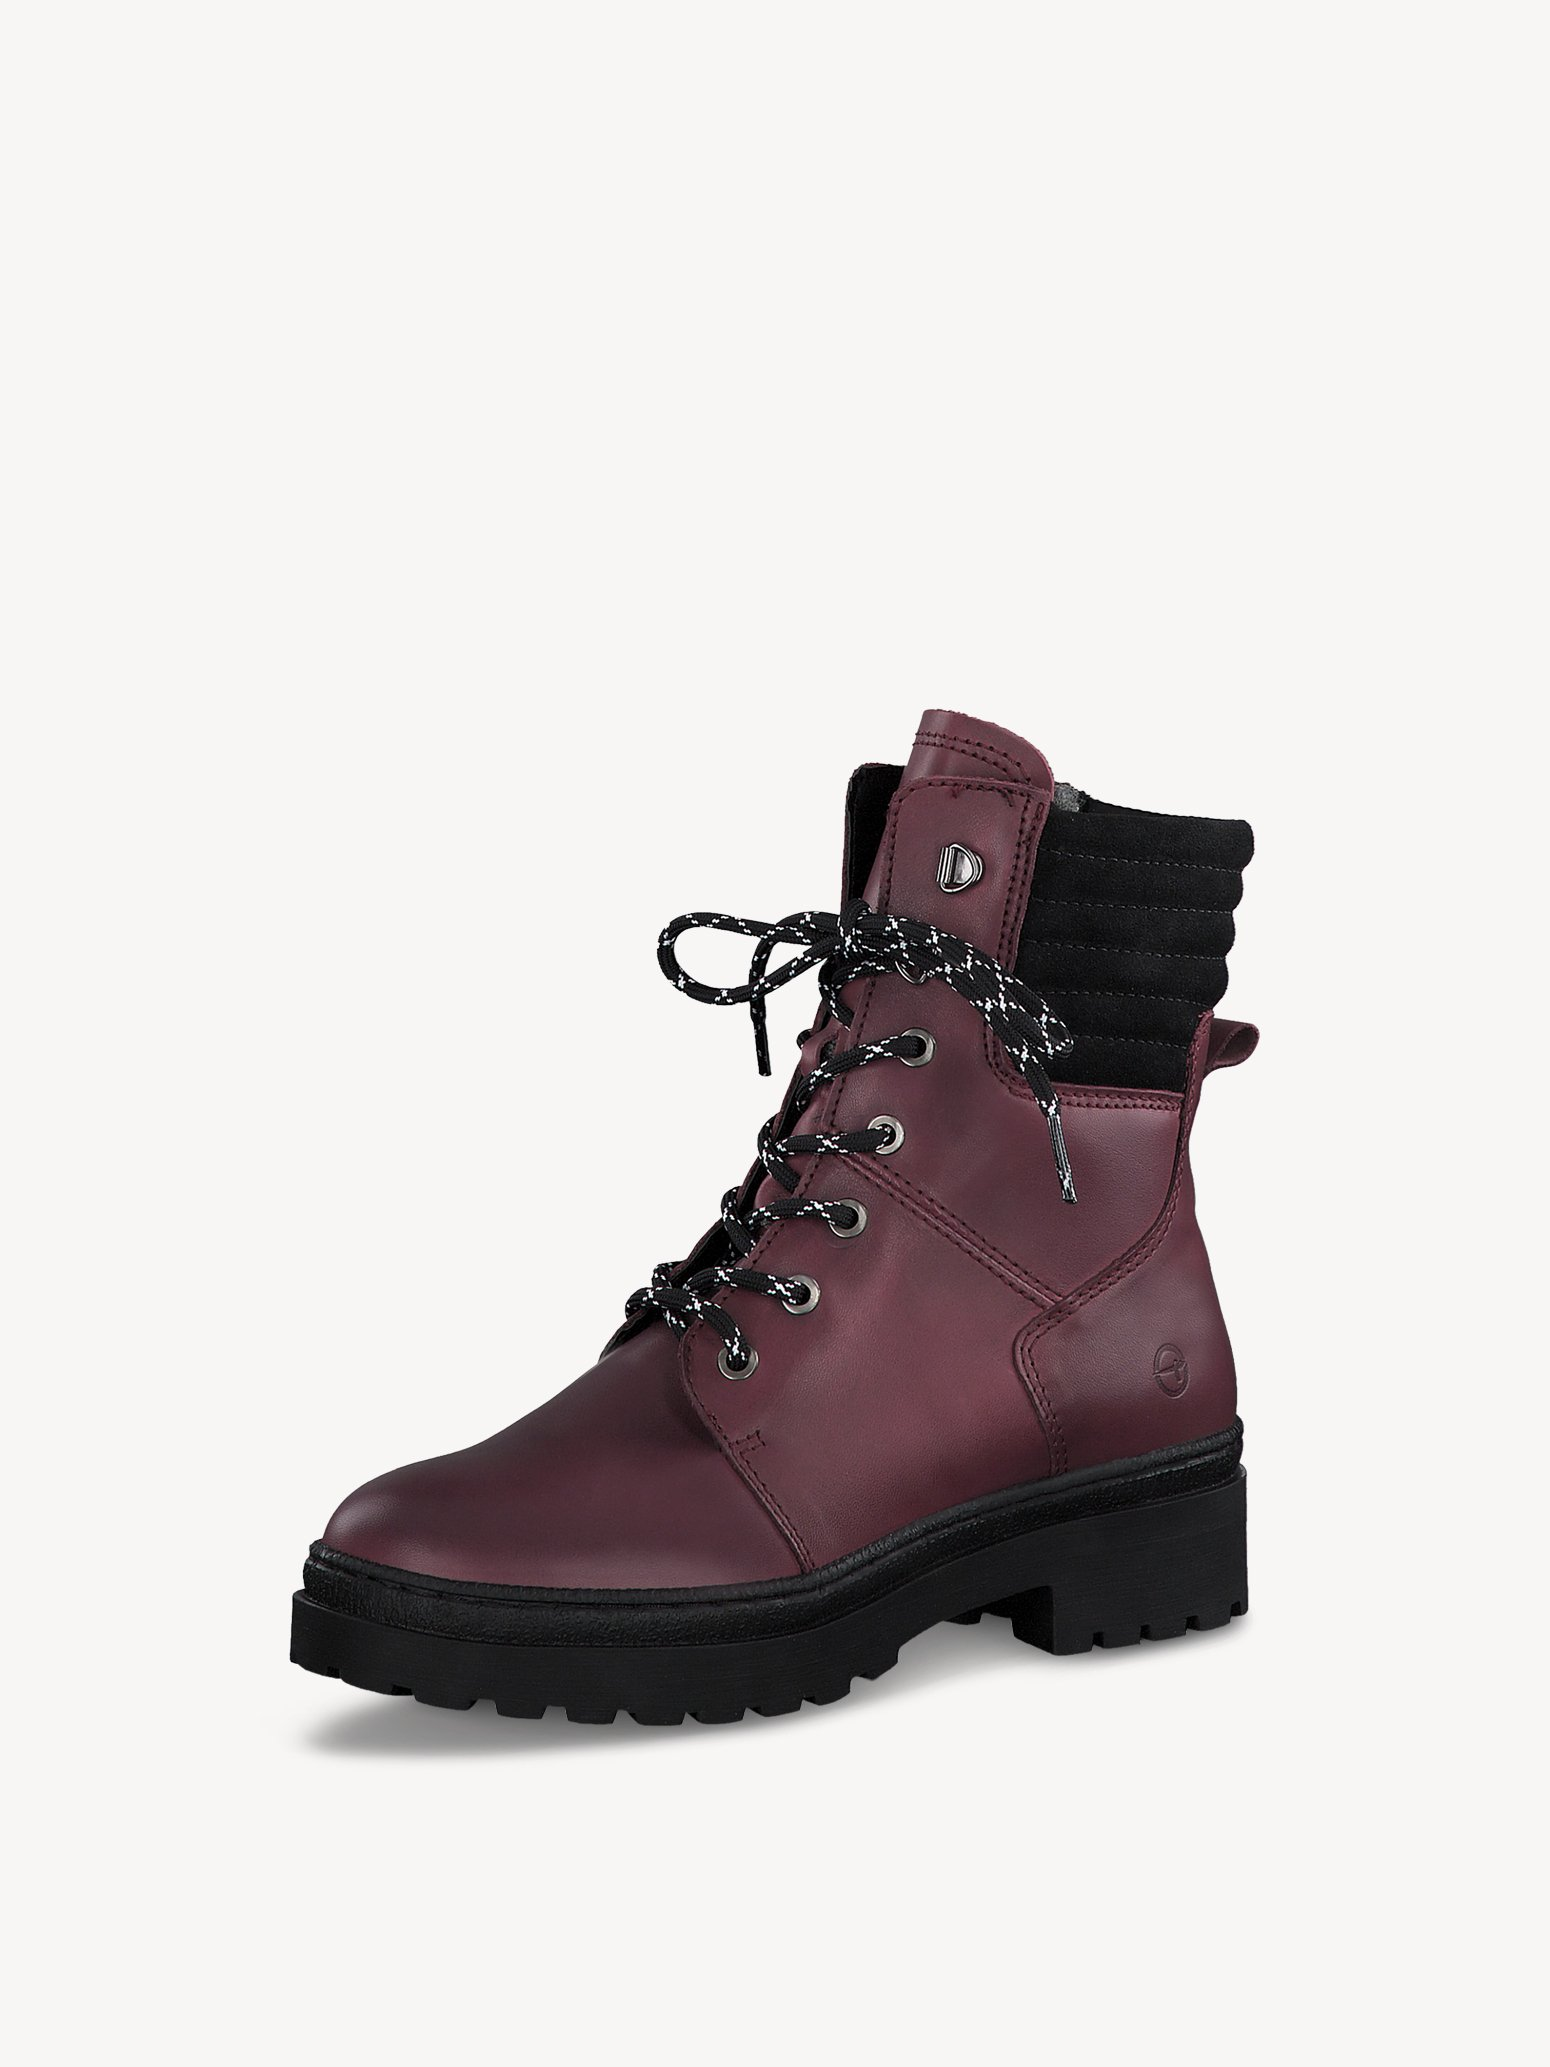 Ботинки Tamaris 1-1-26284-25-549 фотография